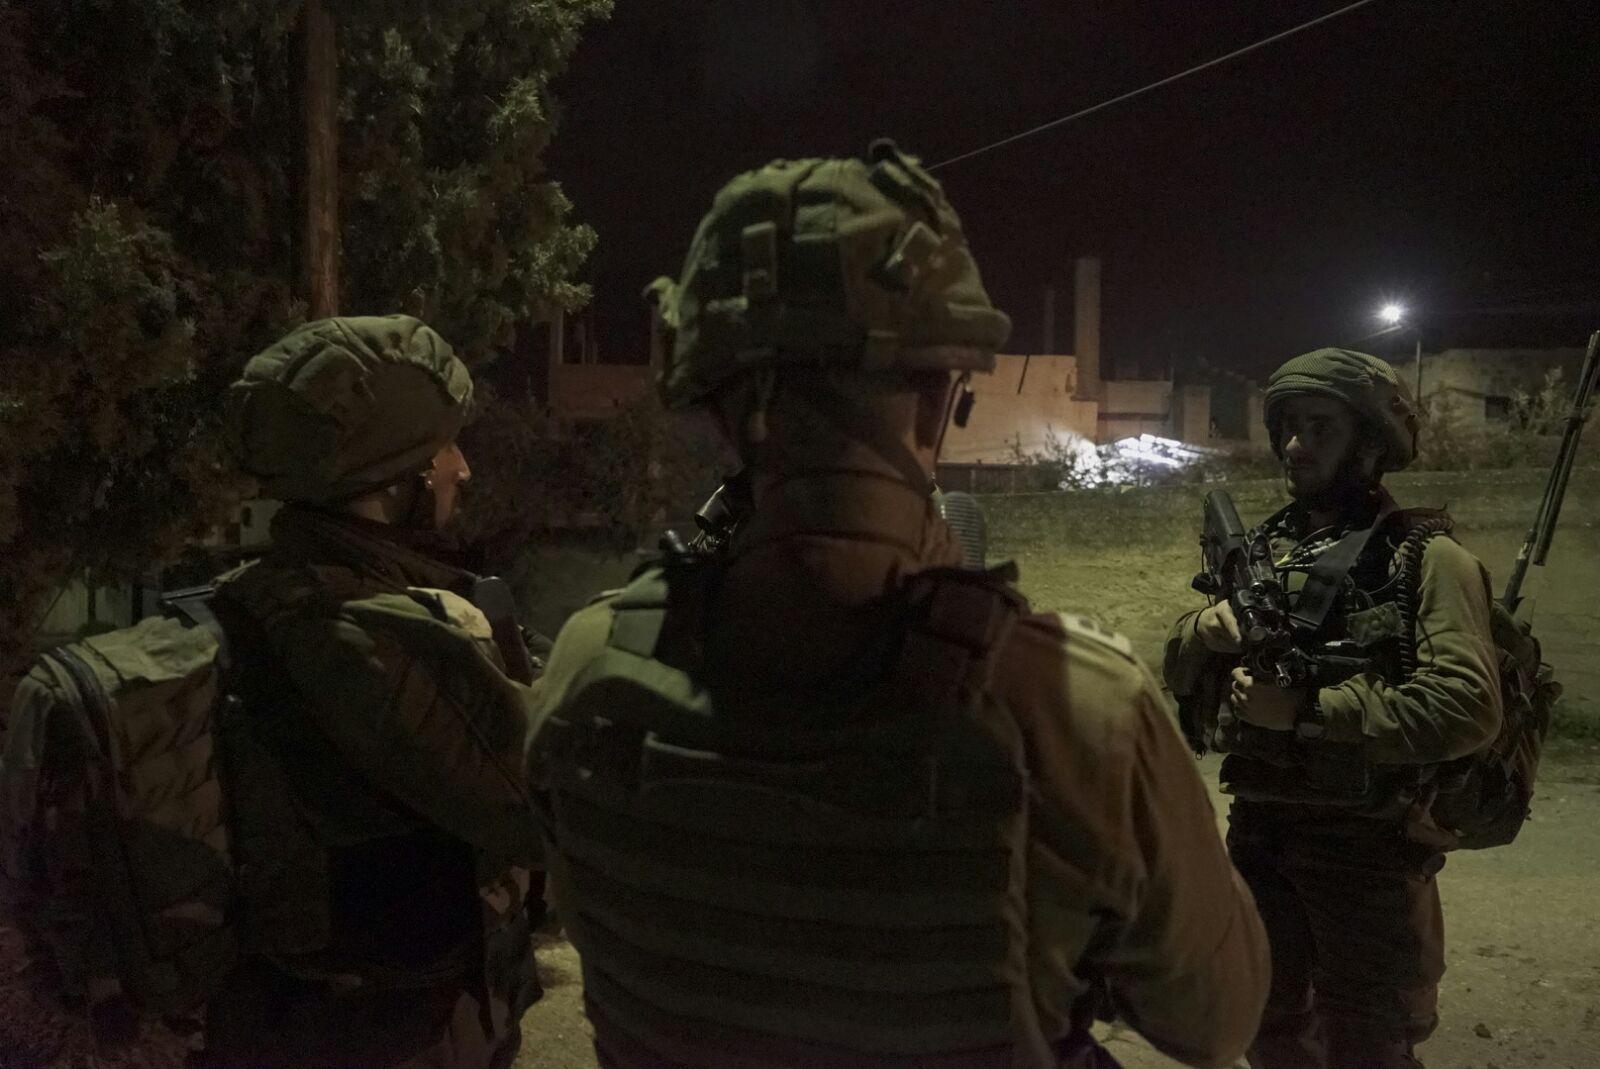 12 פעילי טרור נעצרו בסוף השבוע בפעילות כוחותינו ביהודה, שומרון ובקעה